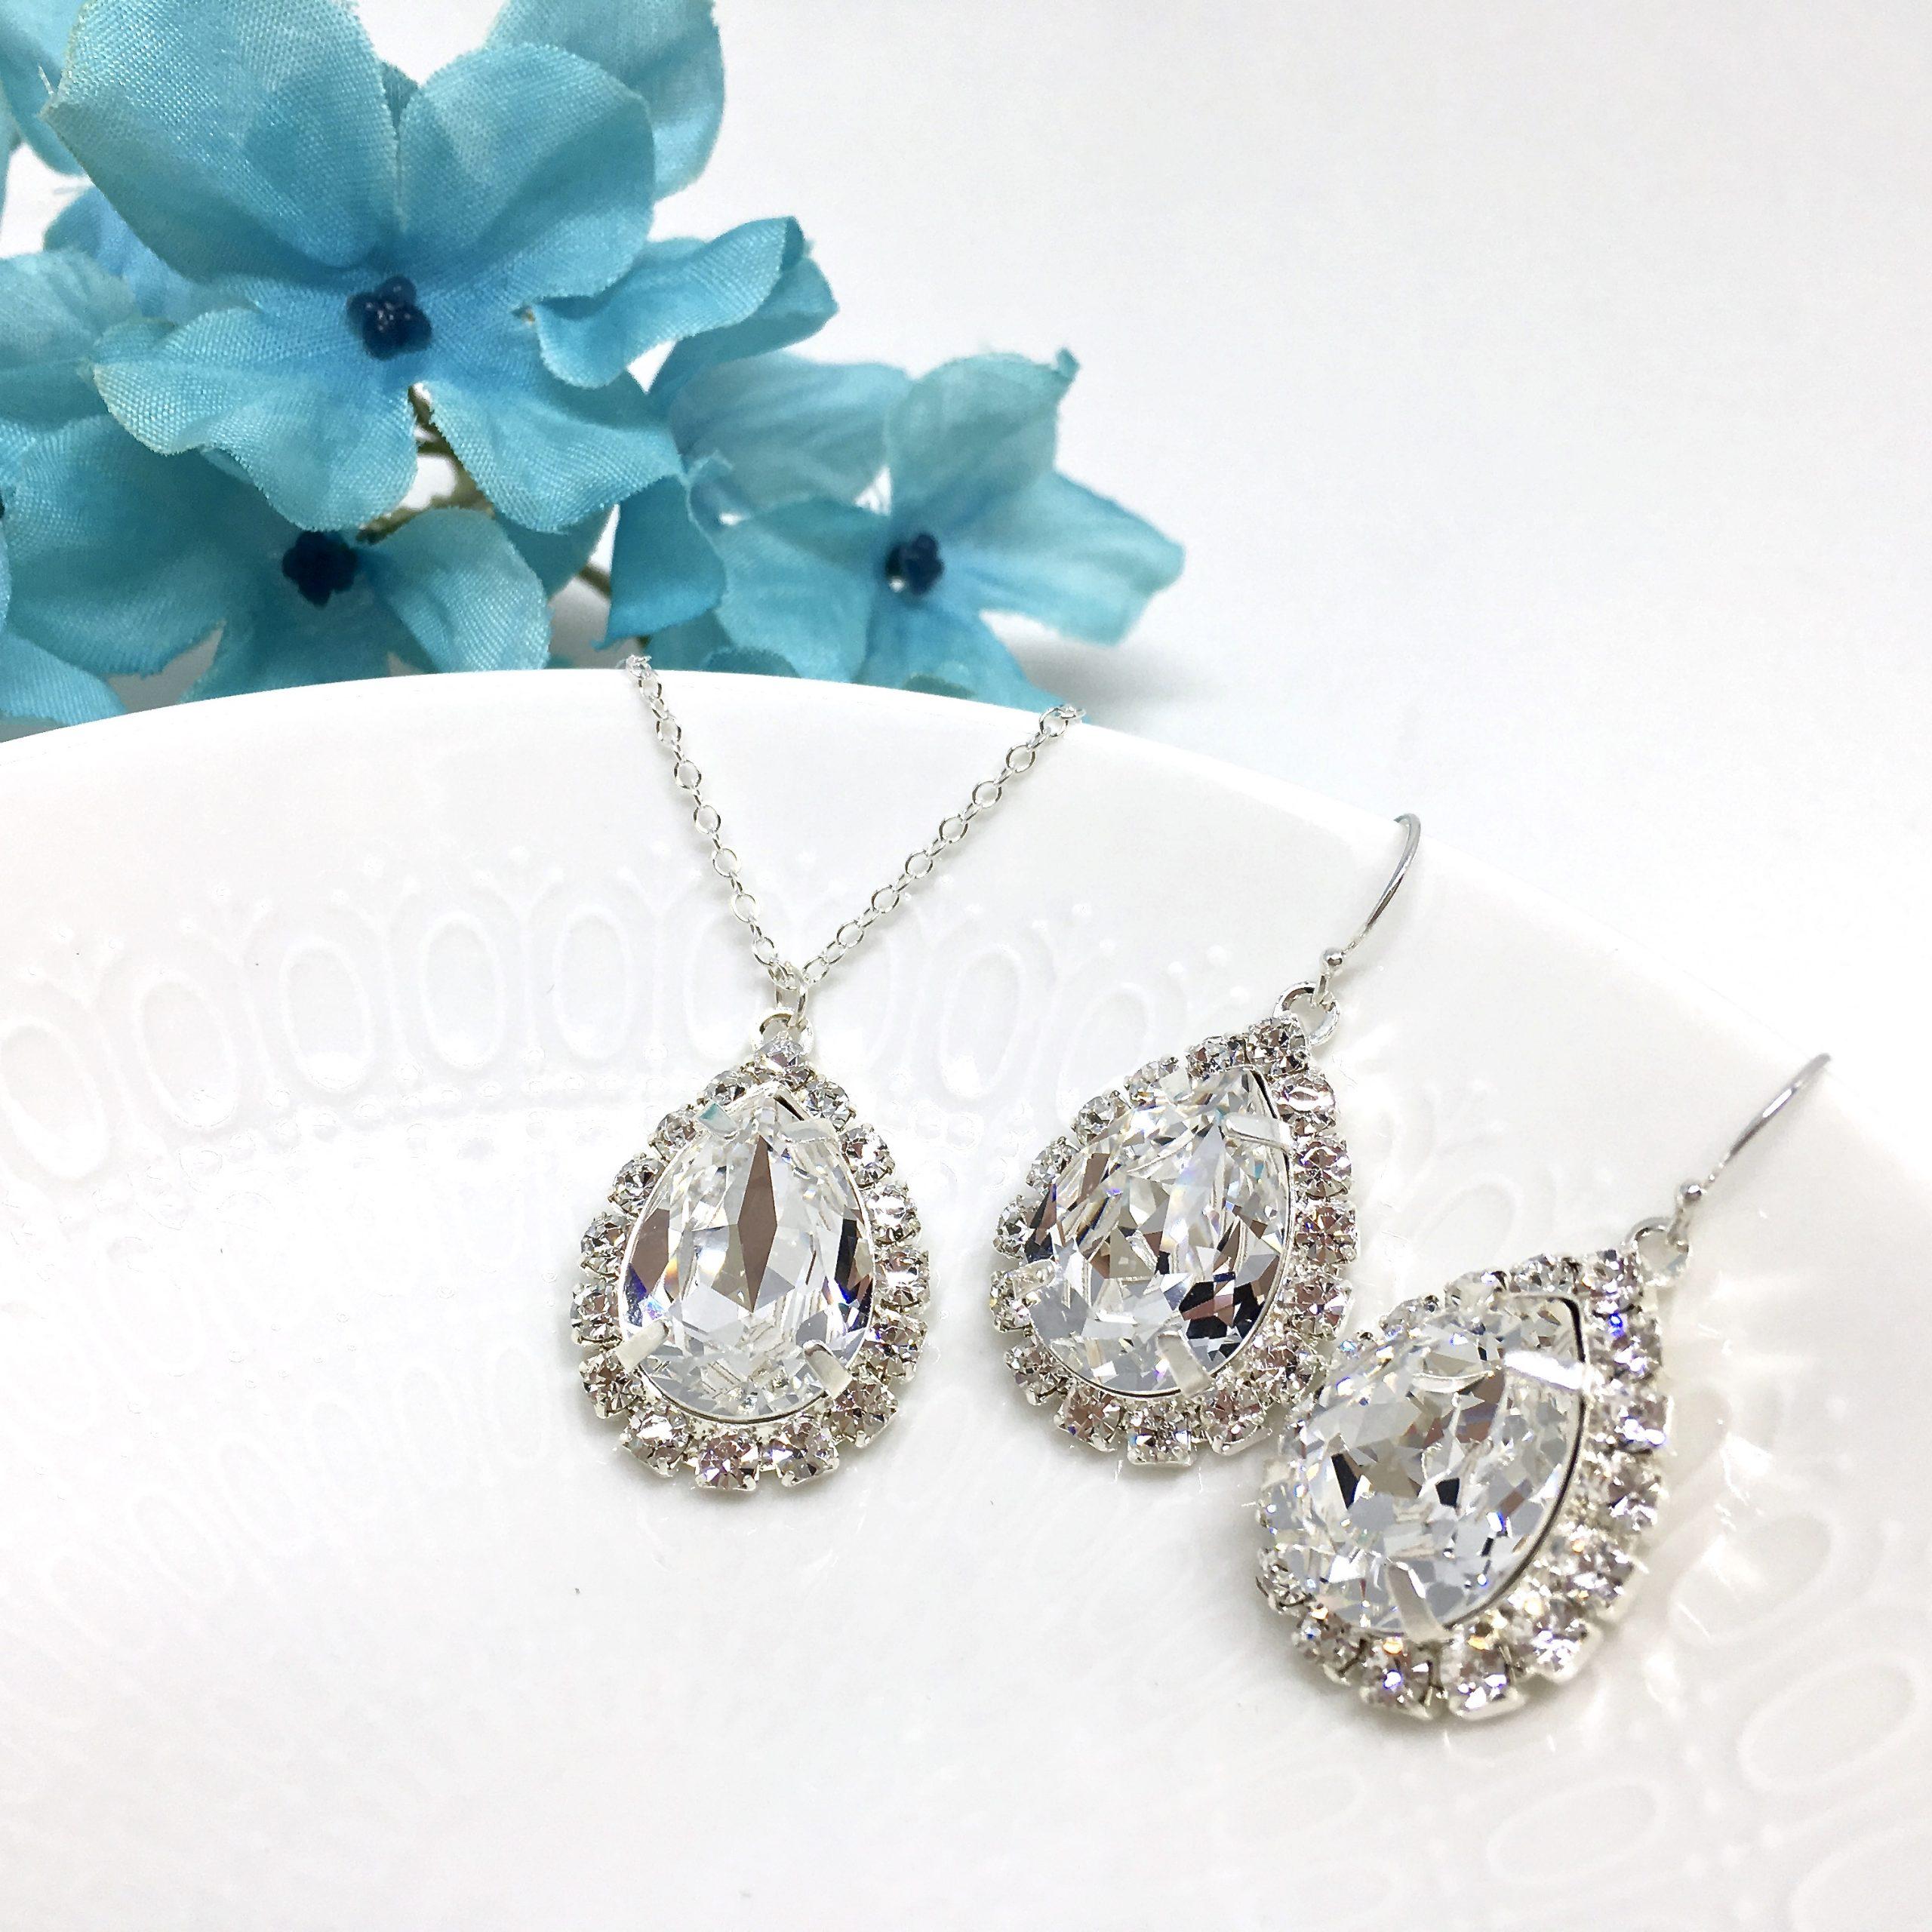 Sparkly Necklace Prom Jewelry Swarovski Halo Crystal